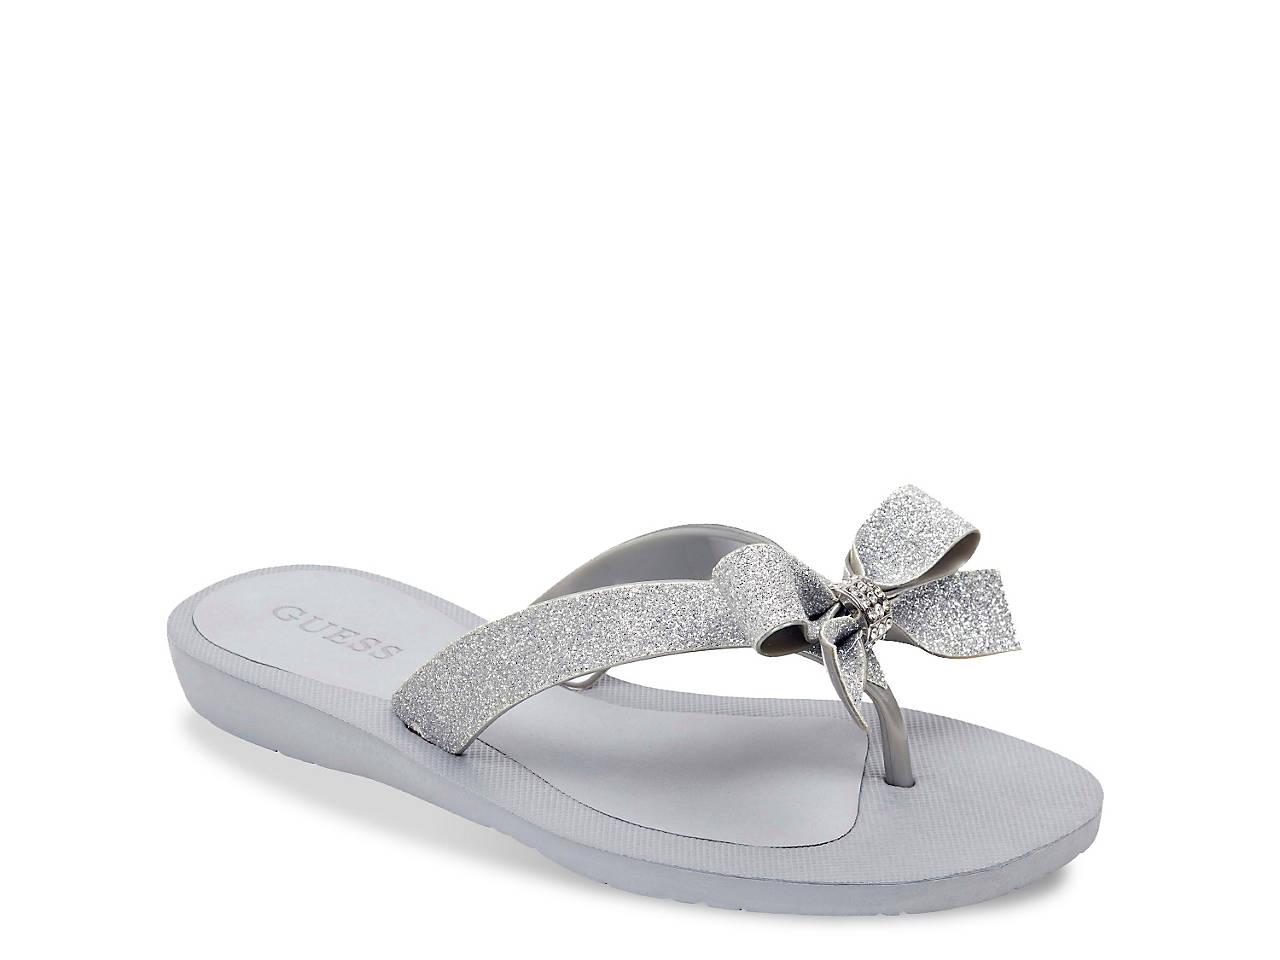 Flip Women's Guess Tutu Kxzpuotwi Shoesdsw Flop kTiOPXZu